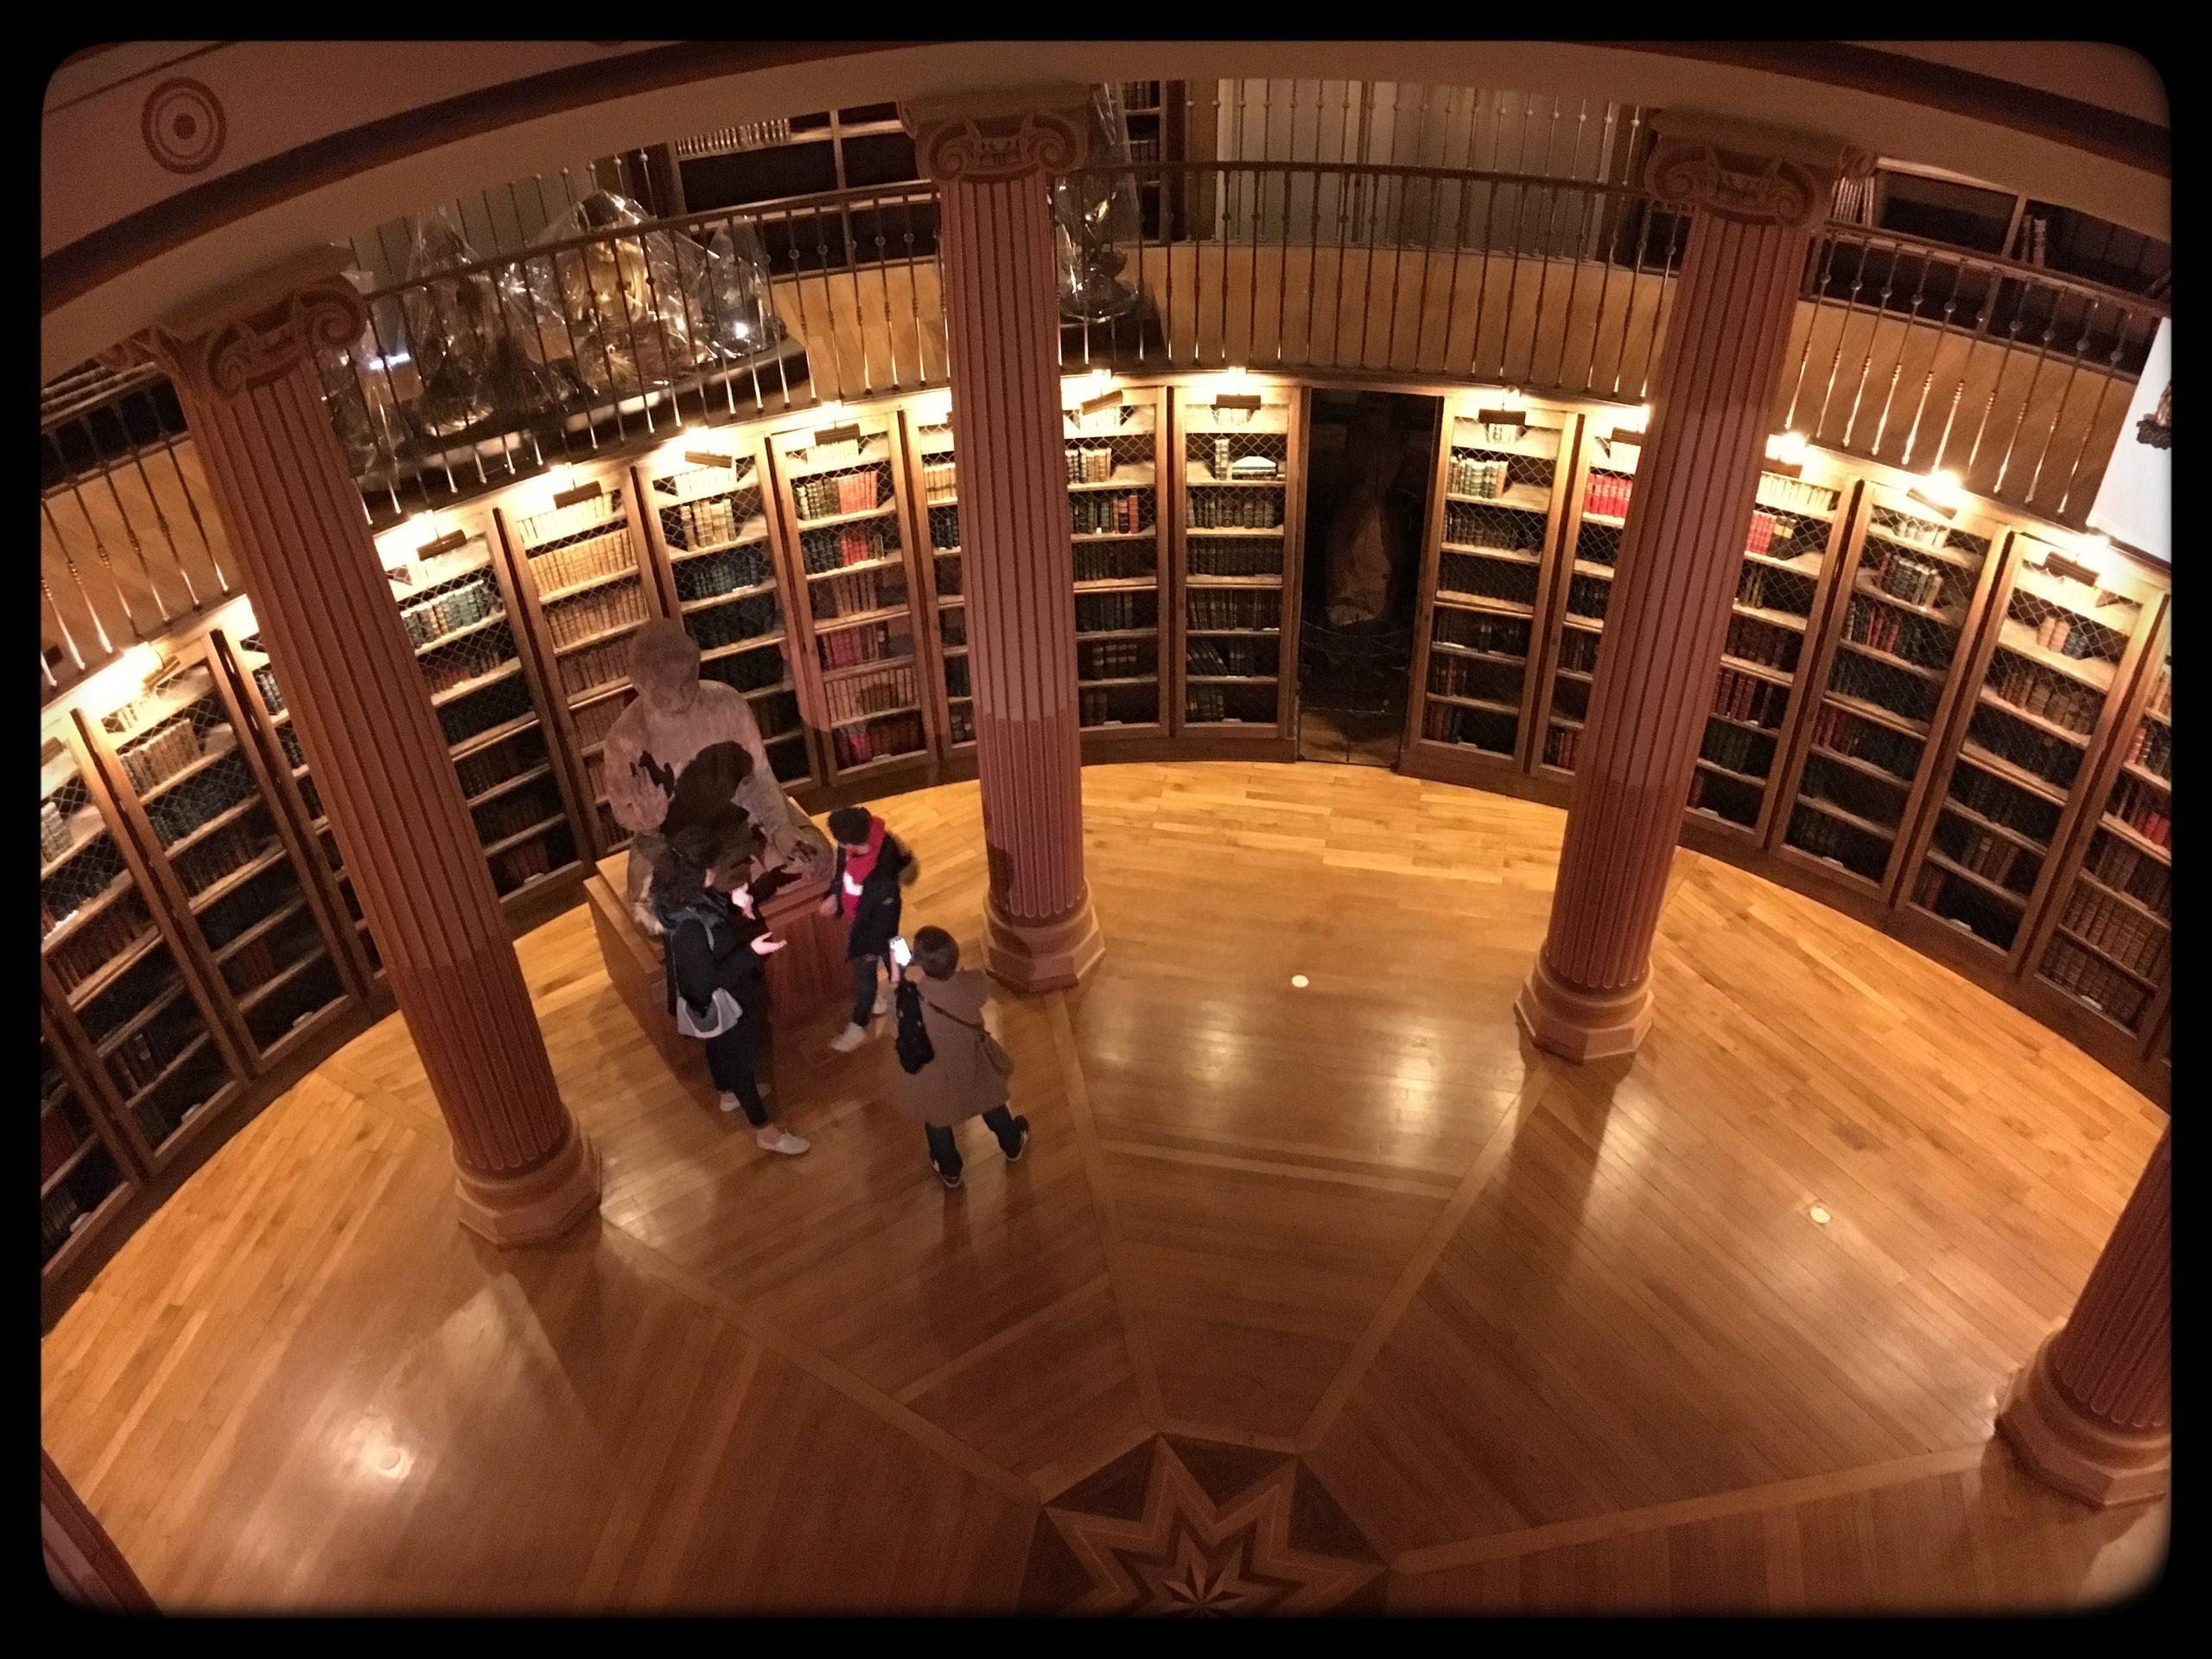 Bibliothèque_historique_Musée_Guimet